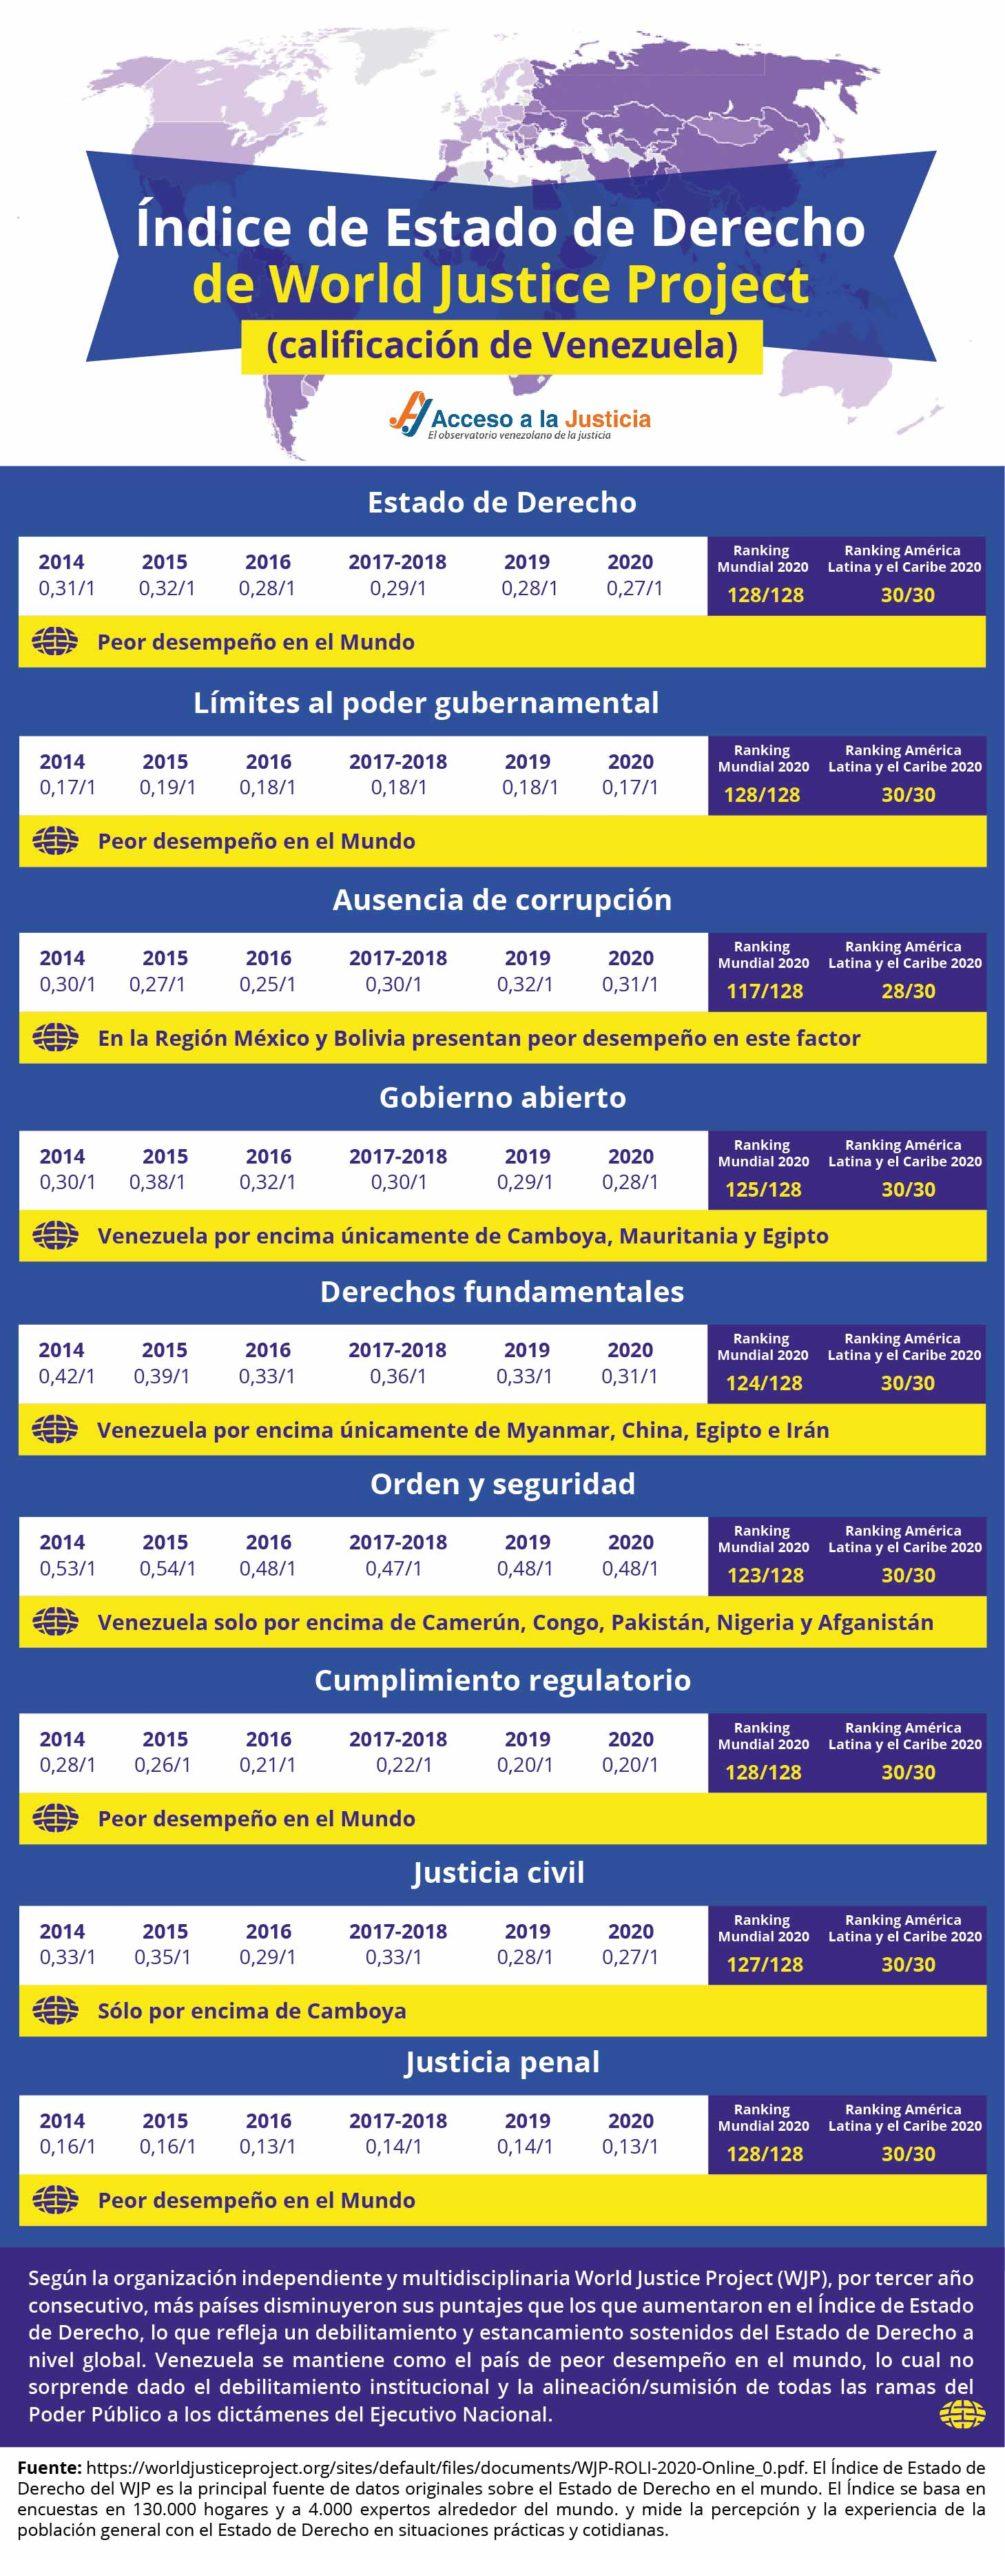 Índice de Estado de Derecho de World Justice Project 2020 (calificación de Venezuela)